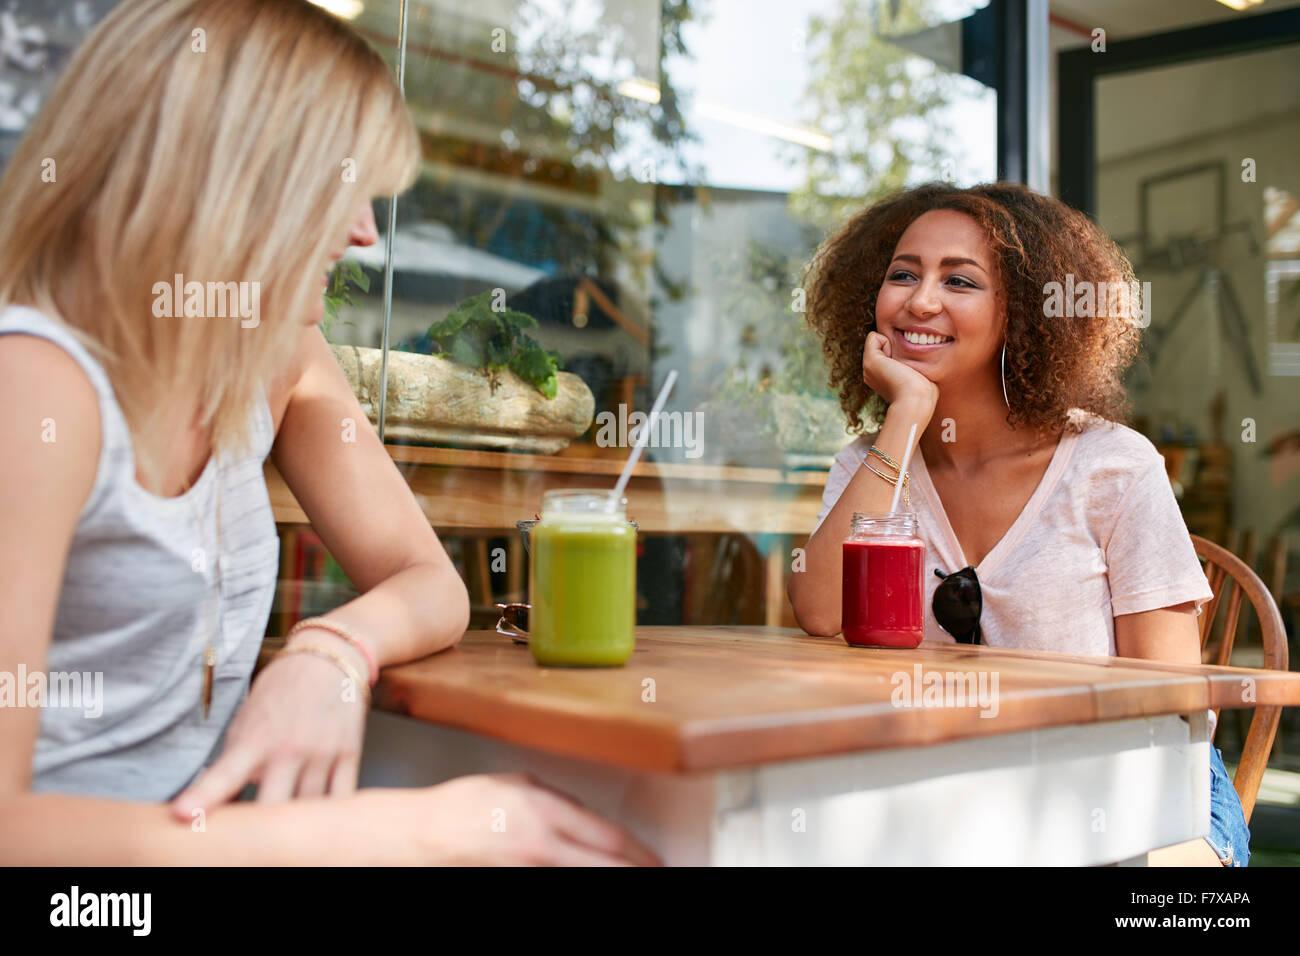 Bild der jungen afrikanischen Mädchen sitzt mit ihrer Freundin im Café im Freien. Zwei junge Frauen treffen Stockbild